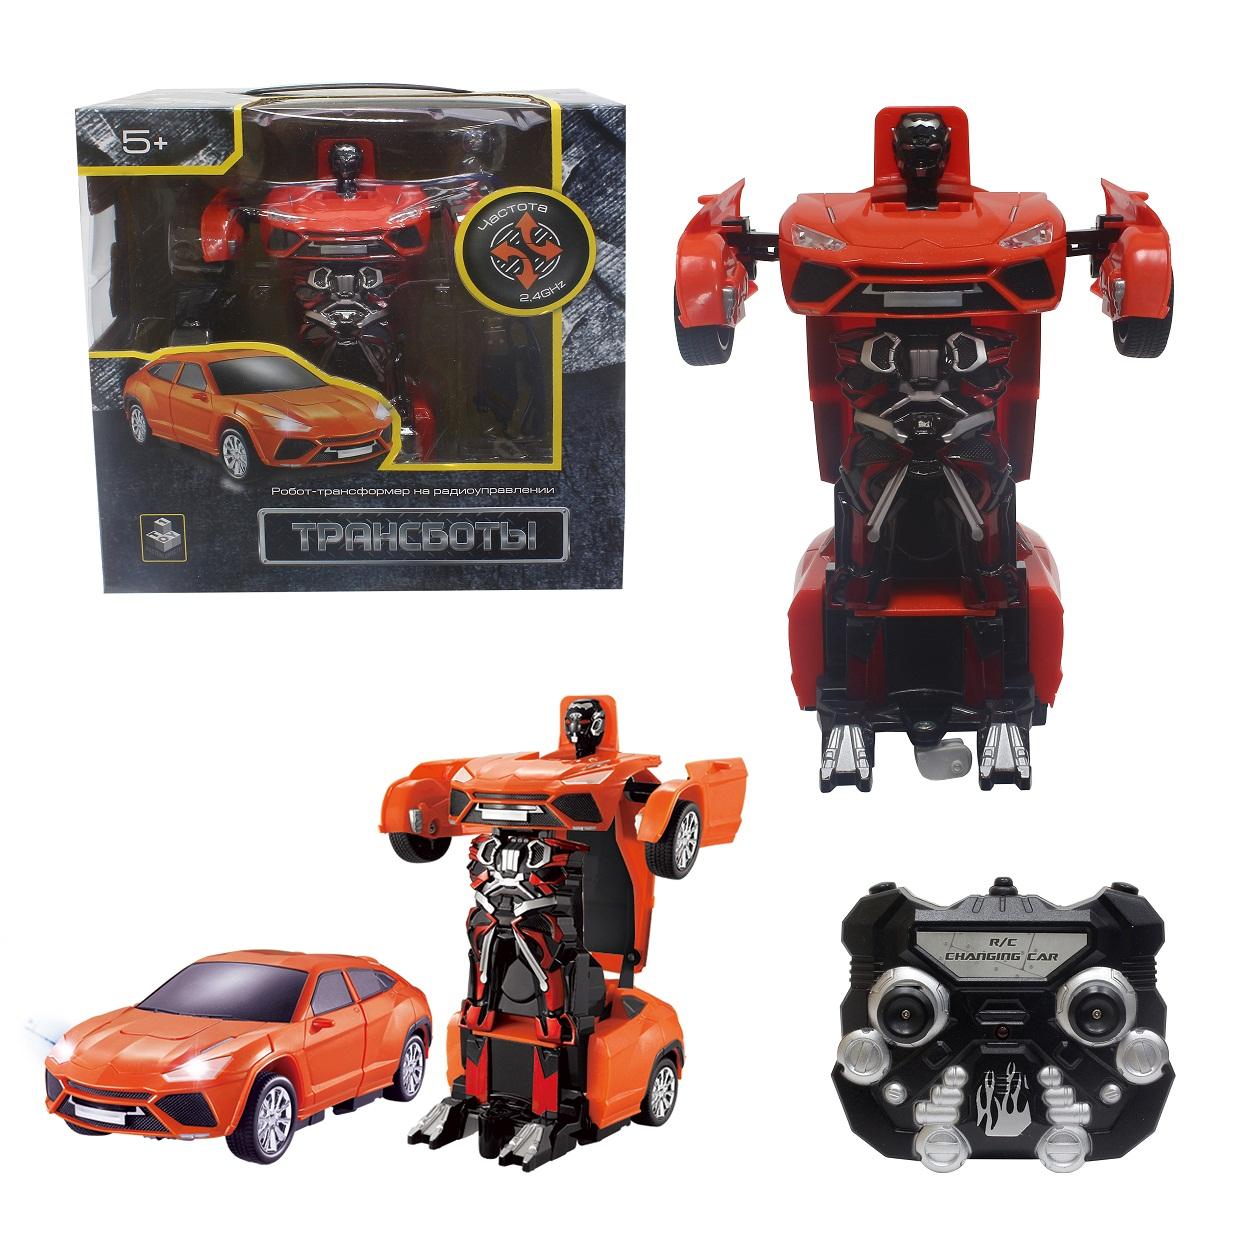 Робот на р/у 2,4GHz, трансформирующийся в легковую машину, красныйРоботы на радиоуправлении<br>Робот на р/у 2,4GHz, трансформирующийся в легковую машину, красный<br>